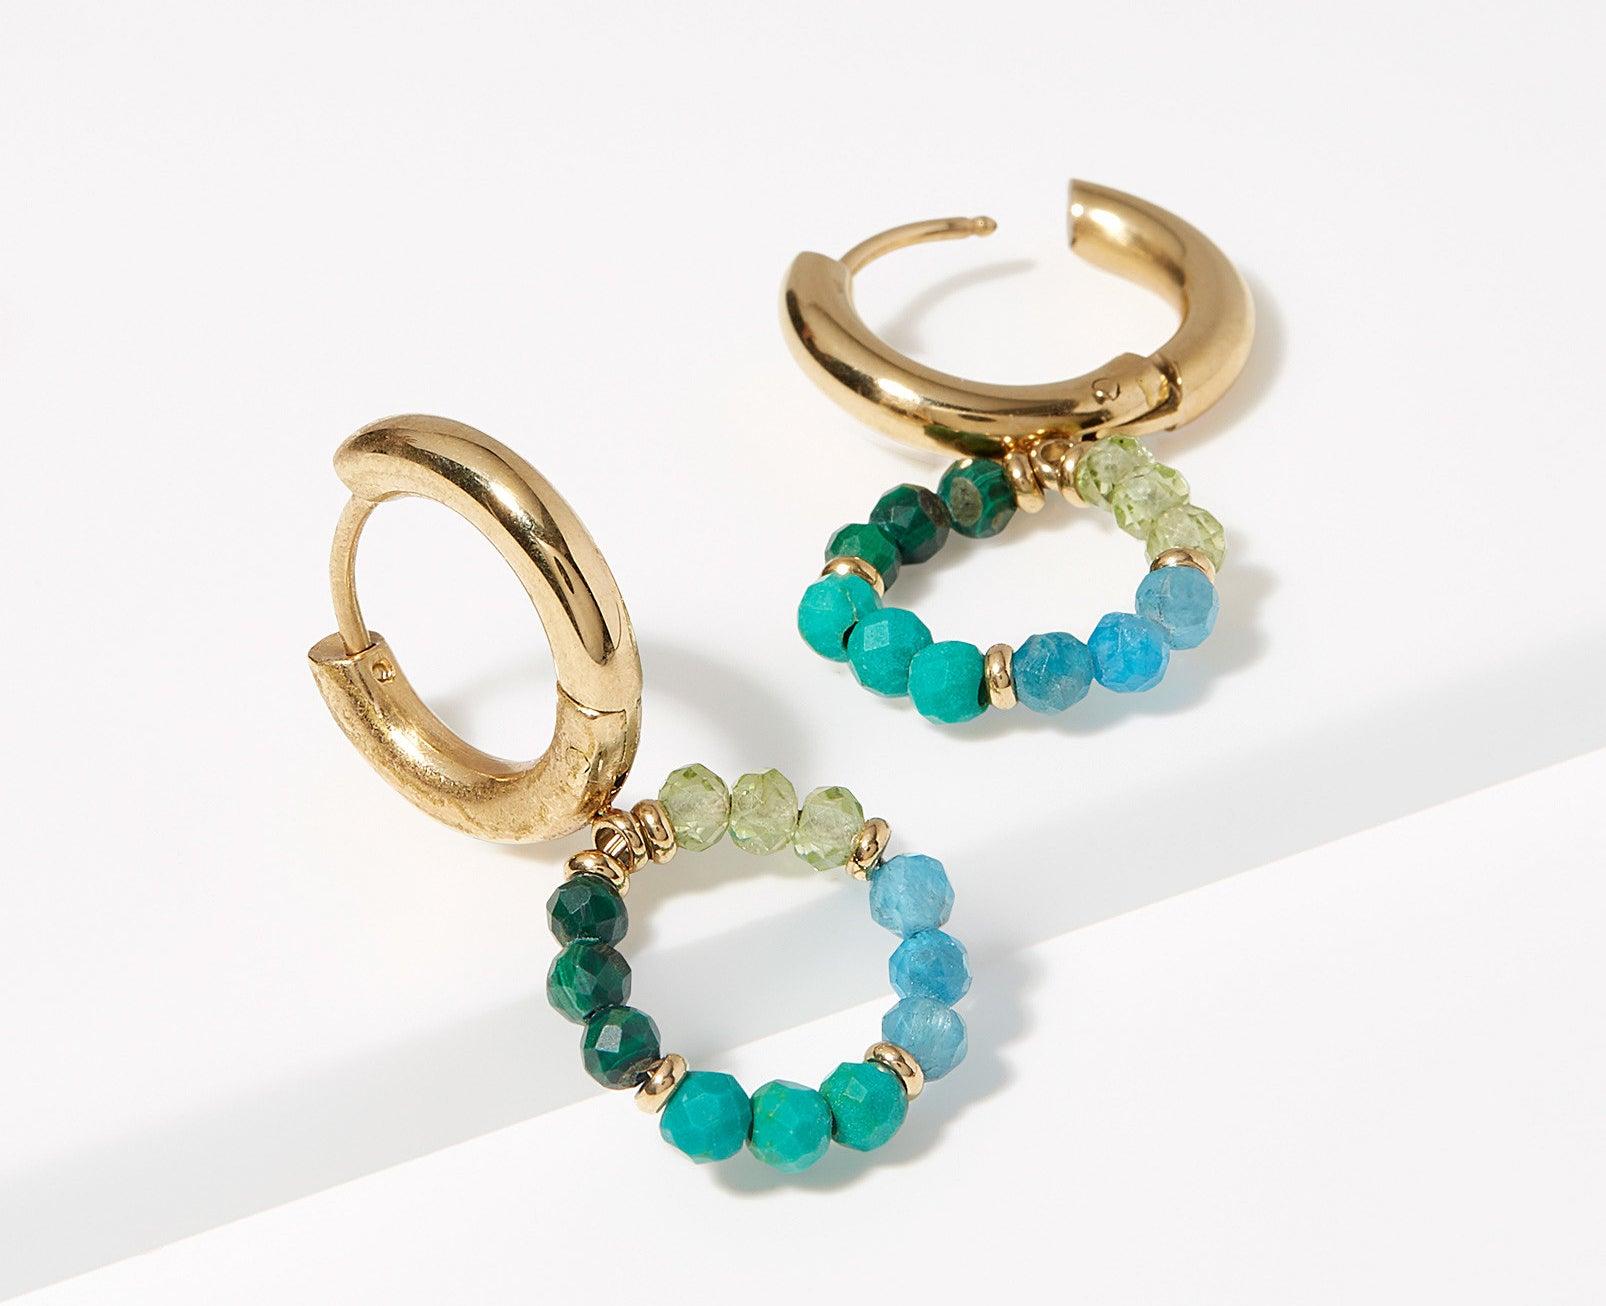 A pair of small huggie hoop earrings